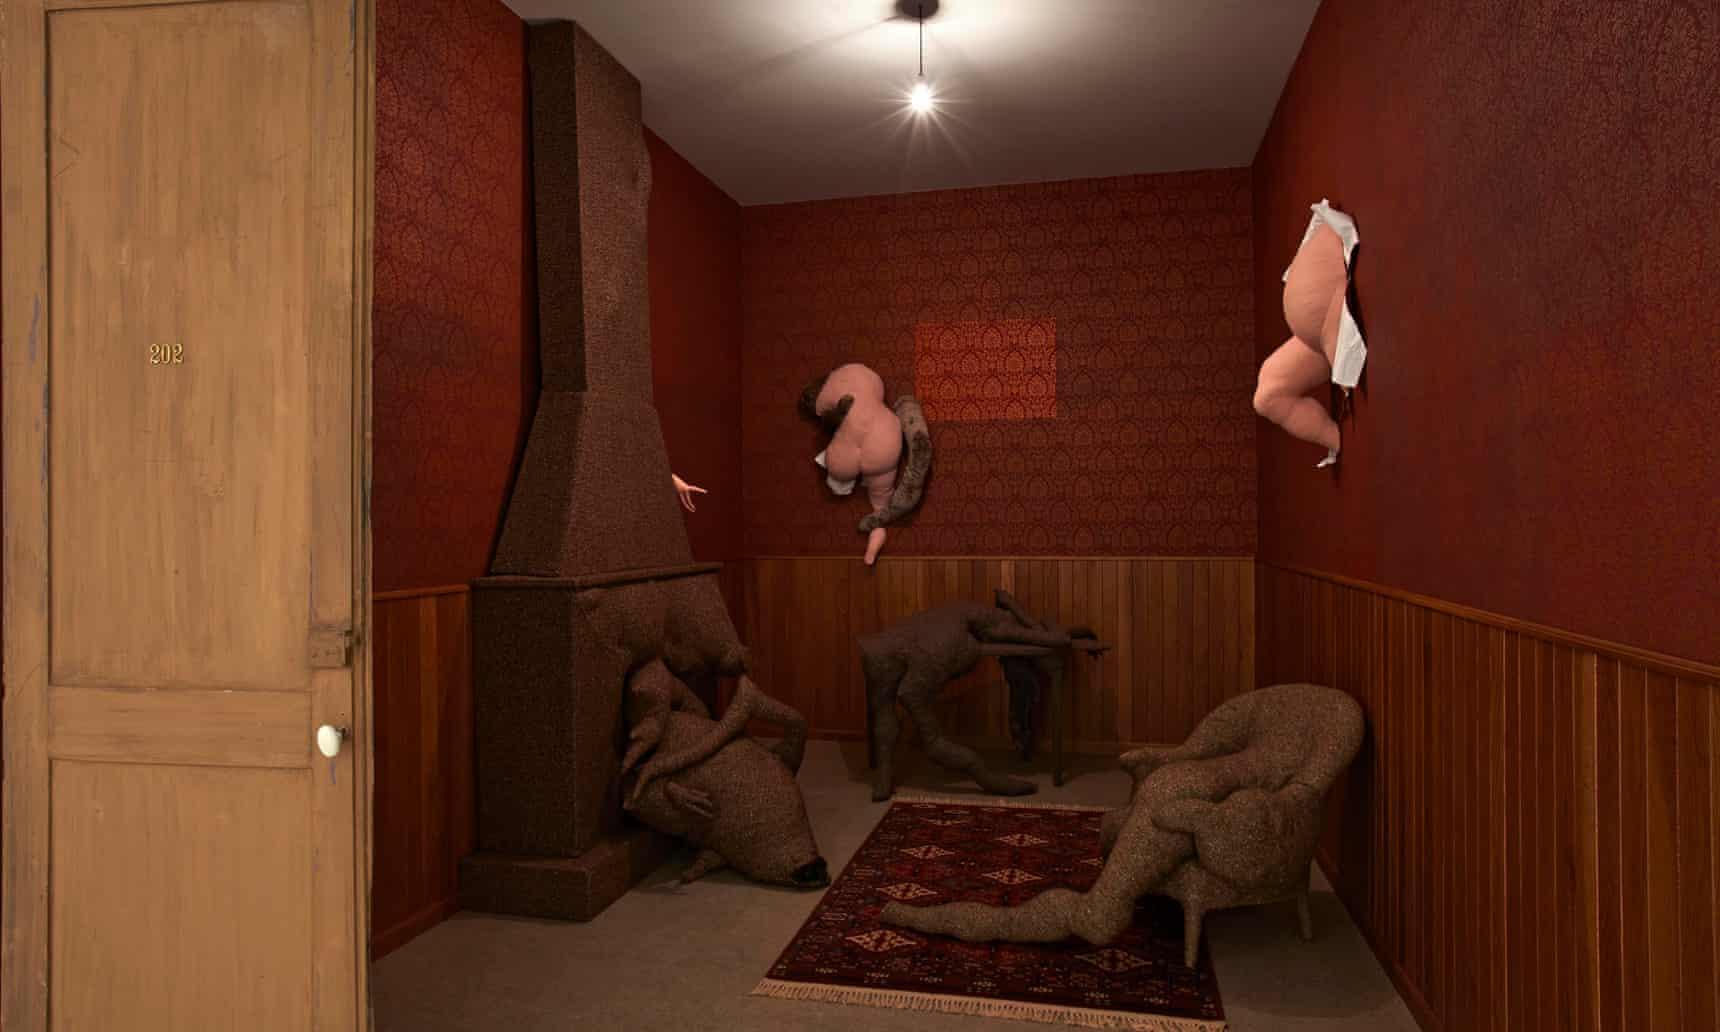 Film set of the mind ... Dorothea Tanning's Hôtel du Pavot, Chambre 202 (1970-1973).  Photograph: DACS, 2018